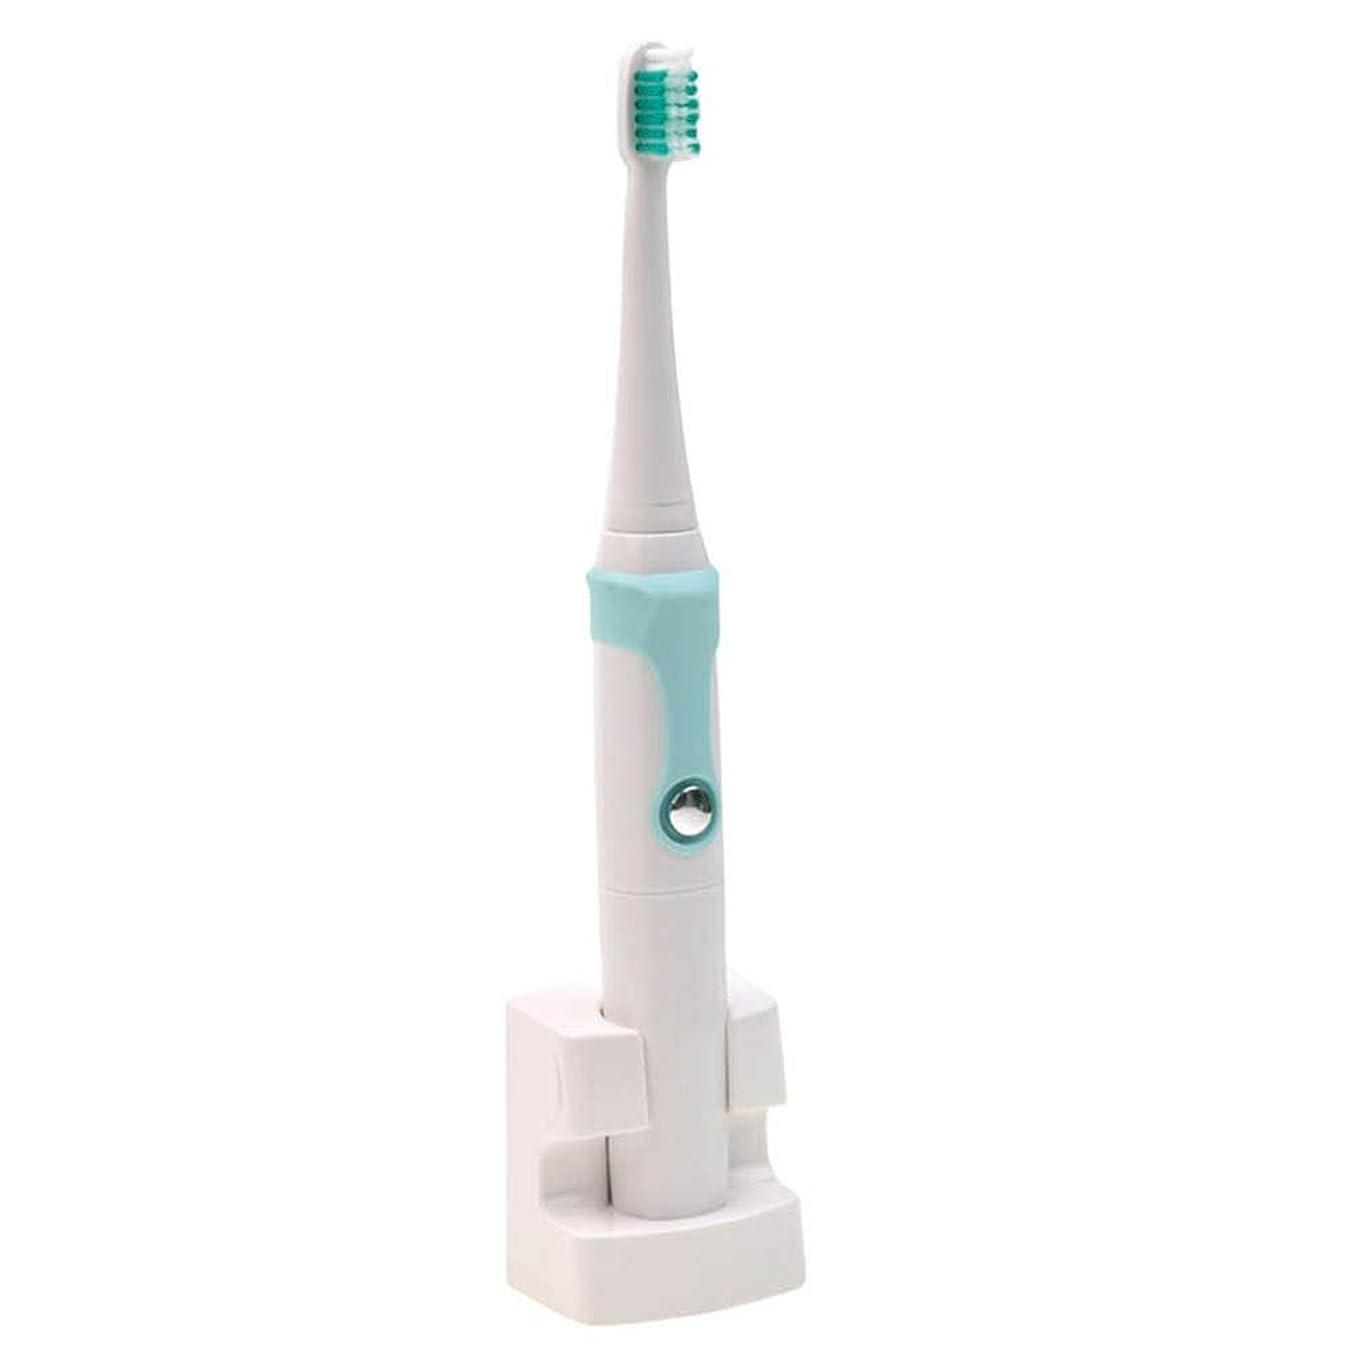 ご注意糸人に関する限り電動歯ブラシ30000 /分超音波歯ブラシ充電式電動歯ブラシ防水ファミリー電動歯ブラシES子供と大人のための